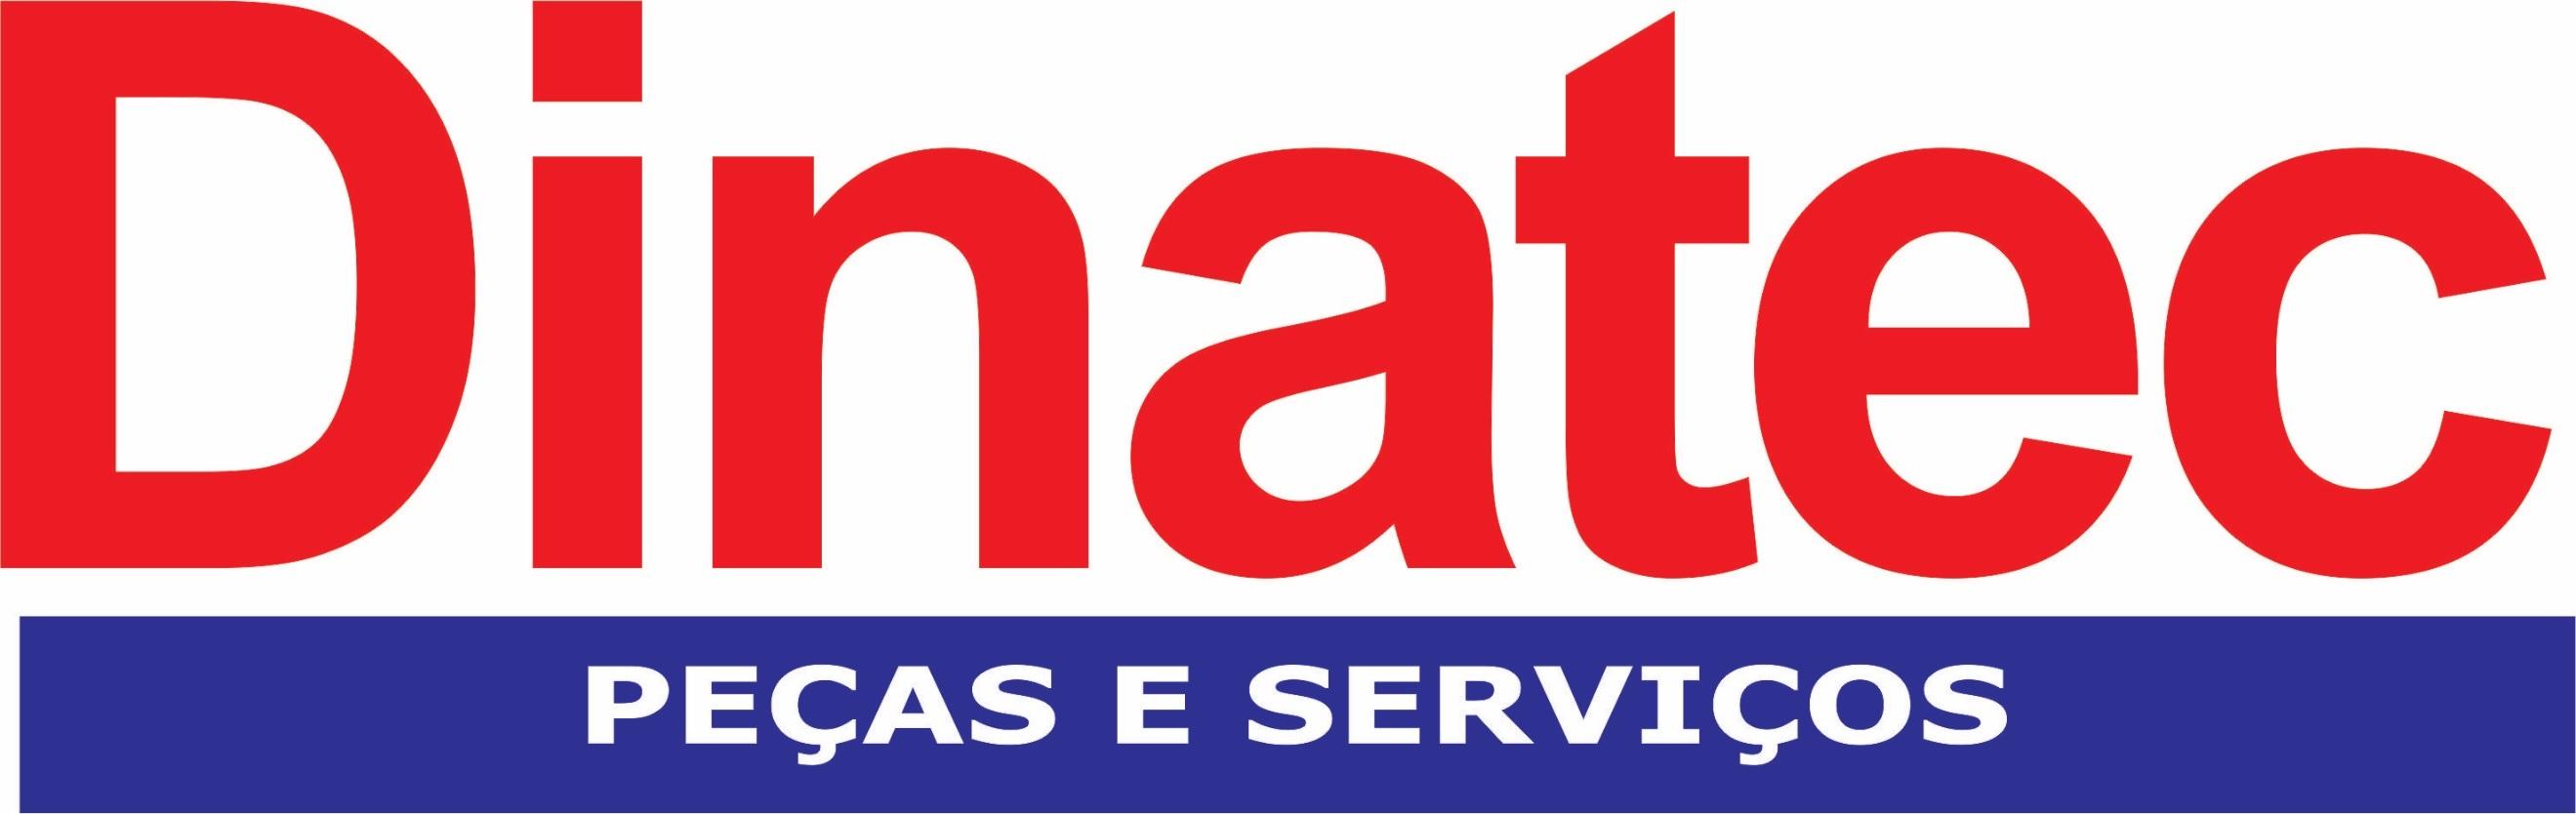 Dinatec Pecas e Servicos